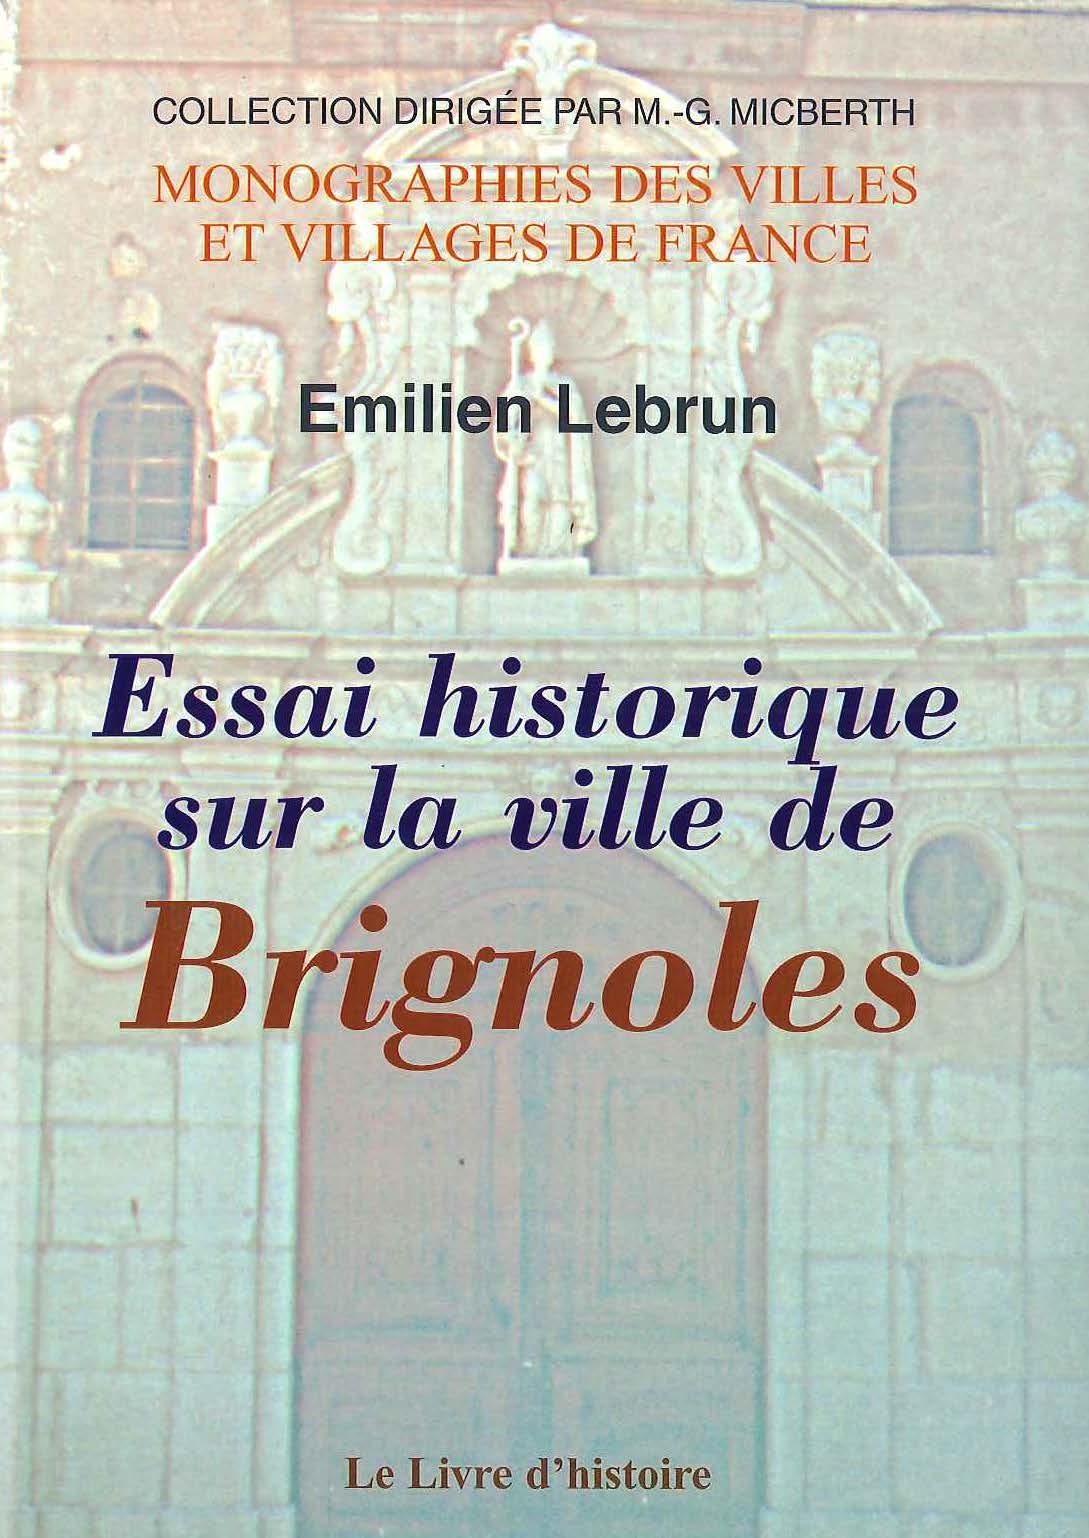 Essai historique sur la ville de Brignoles